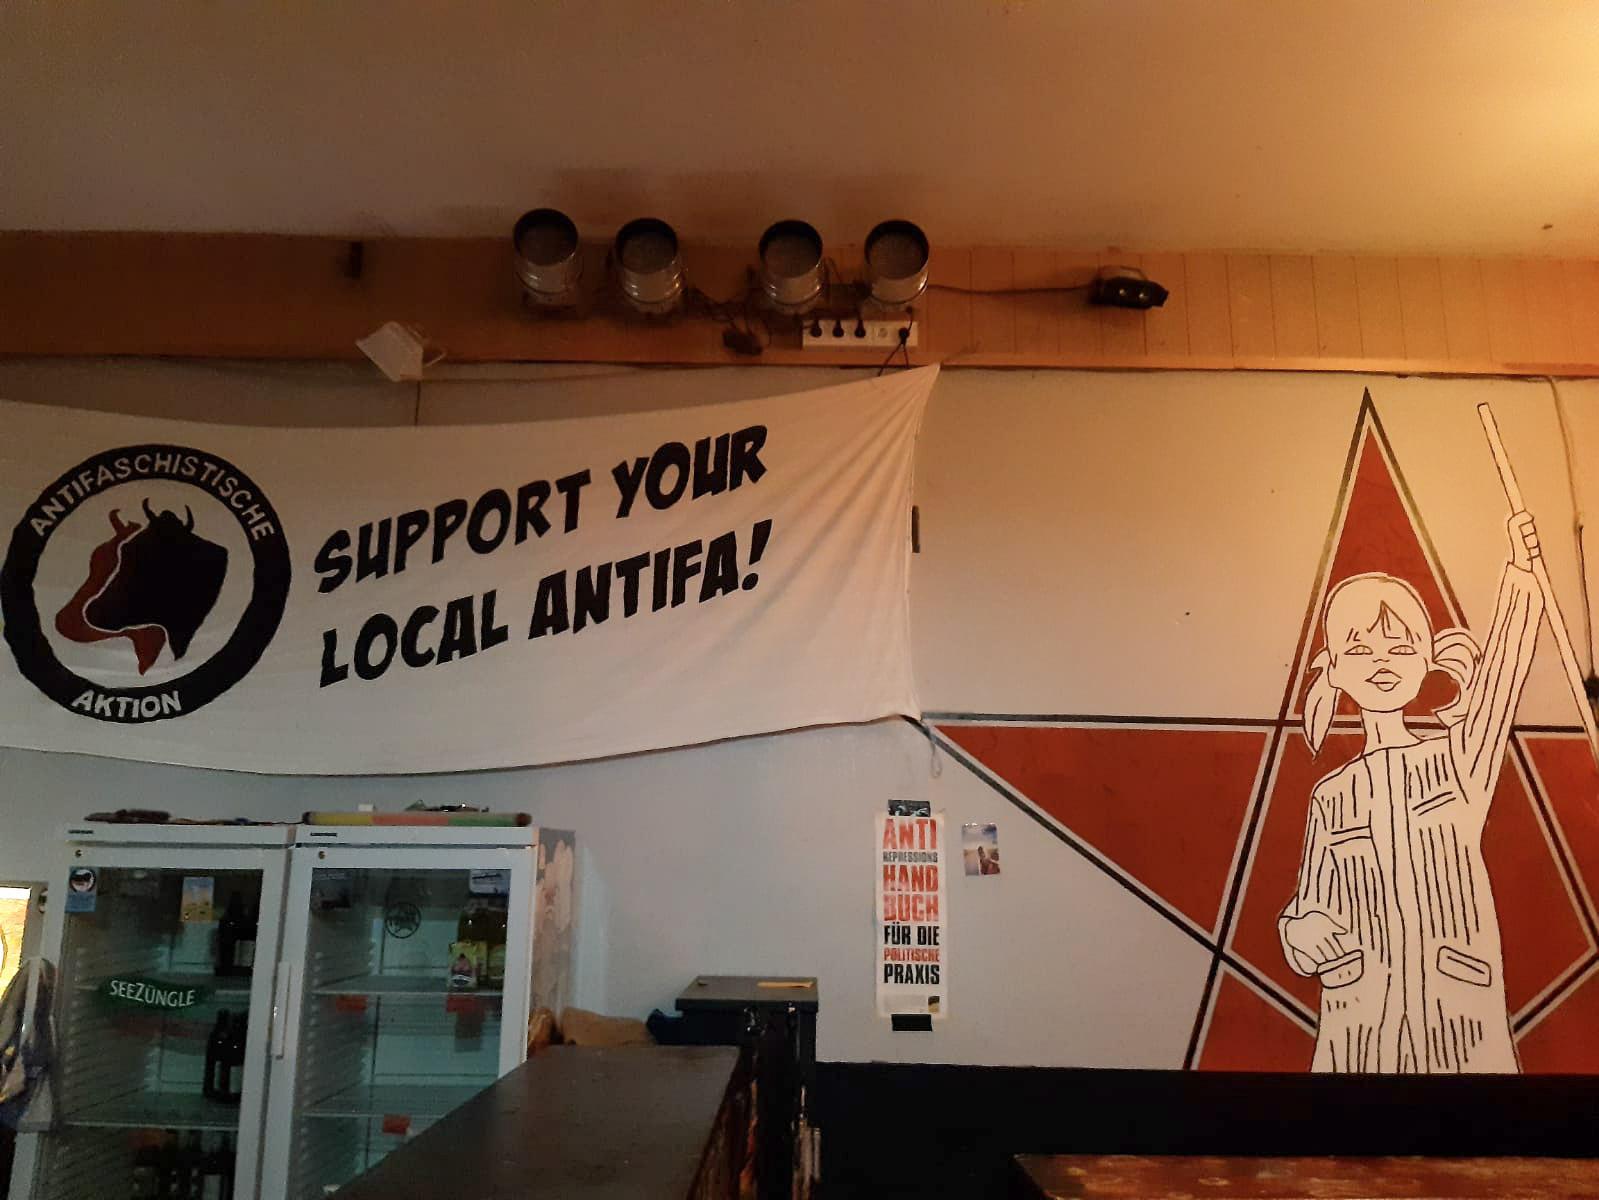 »Support your local antifa!« Dieses banner im Jugendzentrum Tonne erhitzte auf einer Sitzung des Verwaltungsausschusses Wangen die Gemüter.